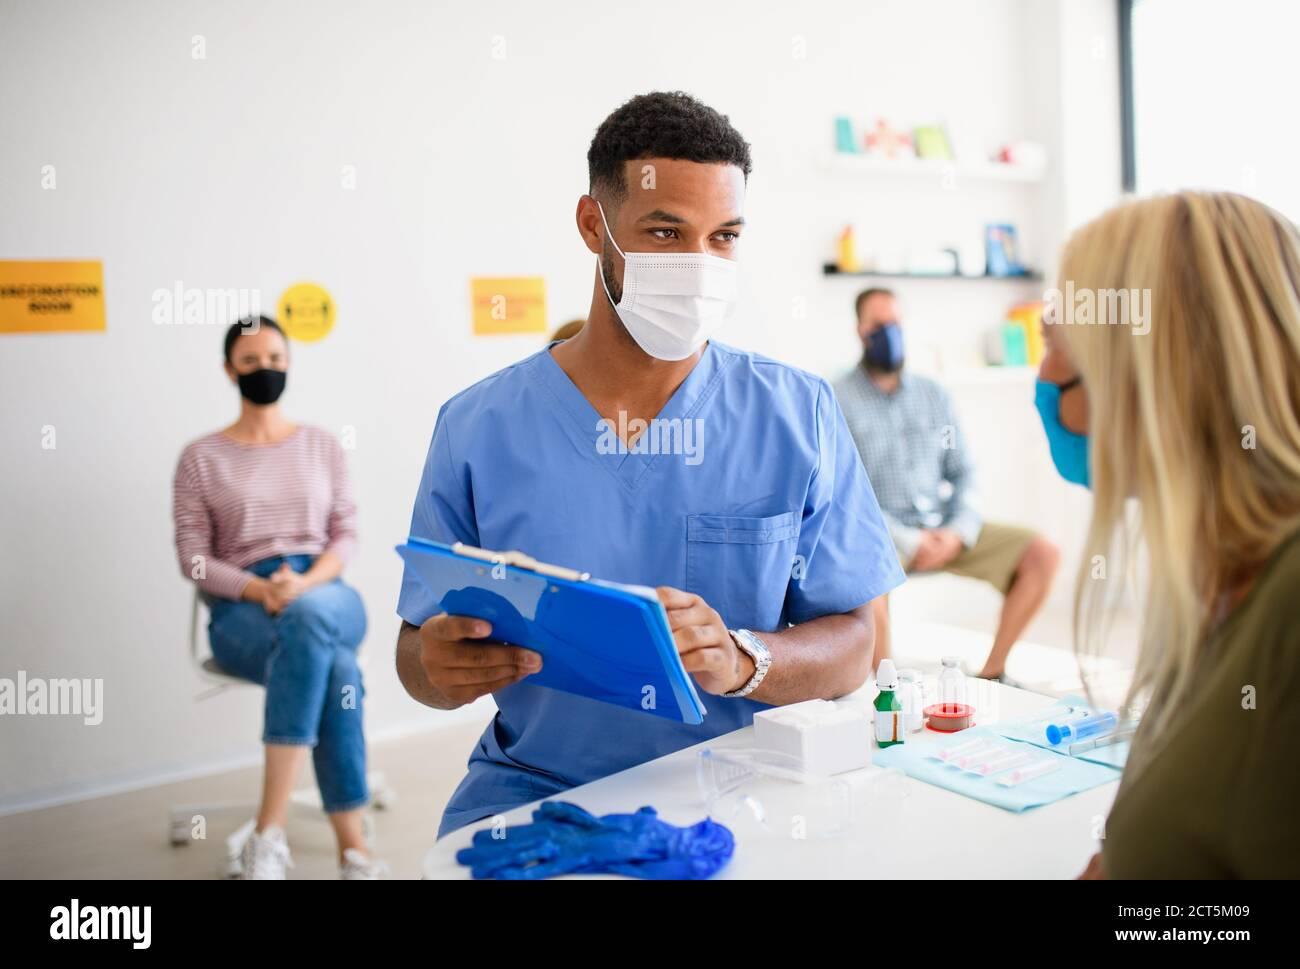 Menschen mit Gesichtsmaske werden geimpft, Coronavirus, covid-19 und Impfkonzept. Stockfoto